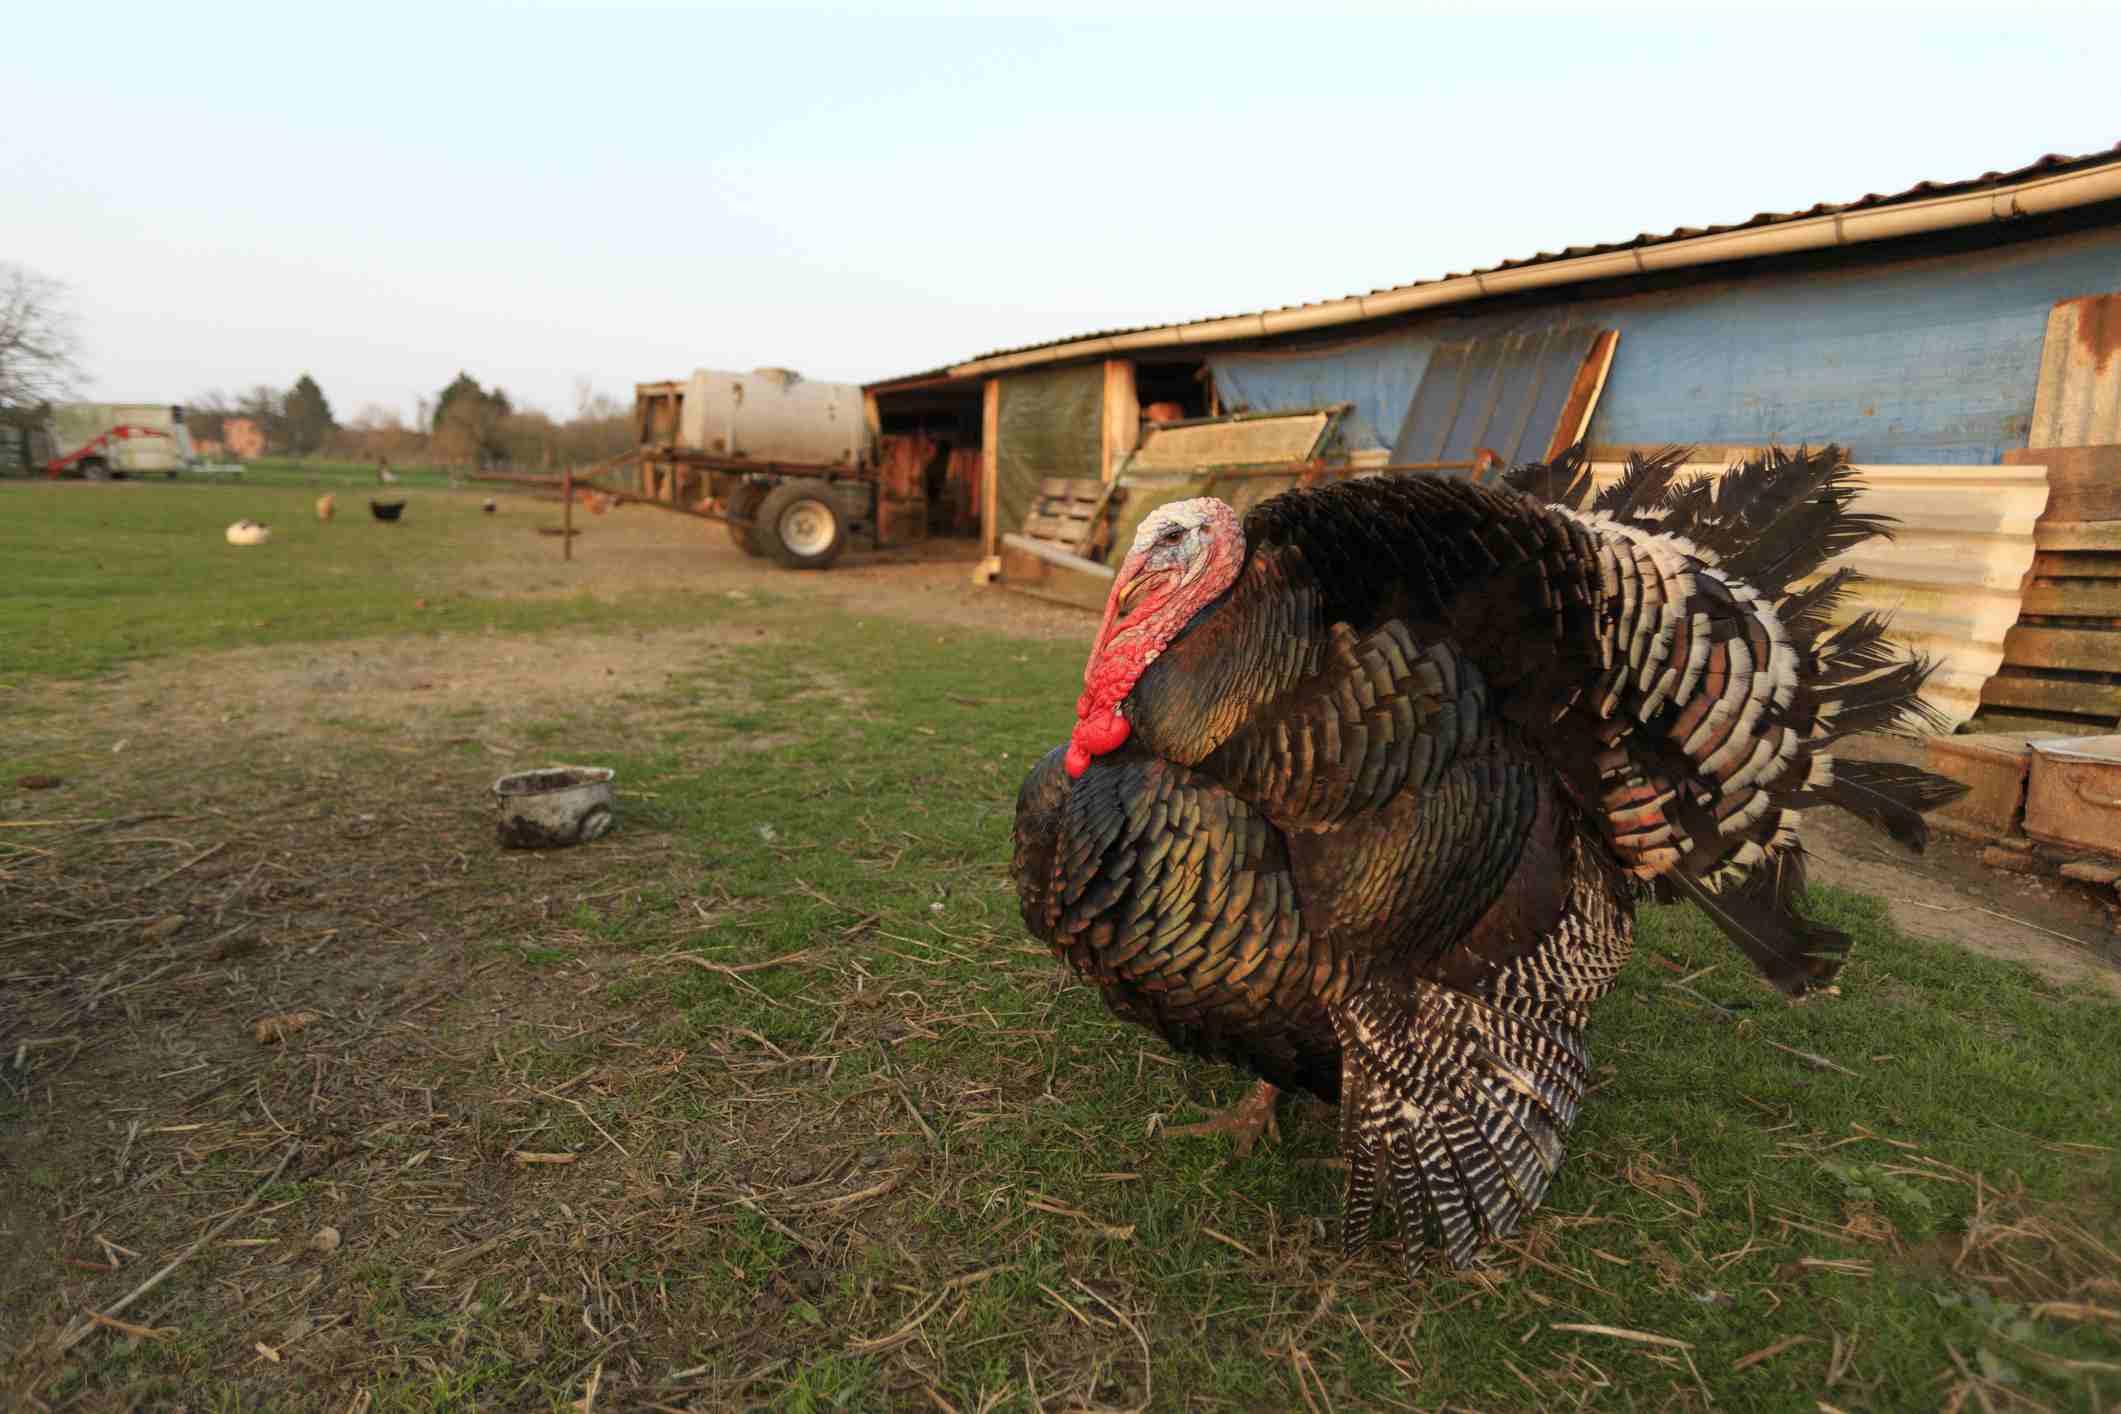 Turkey in a farm